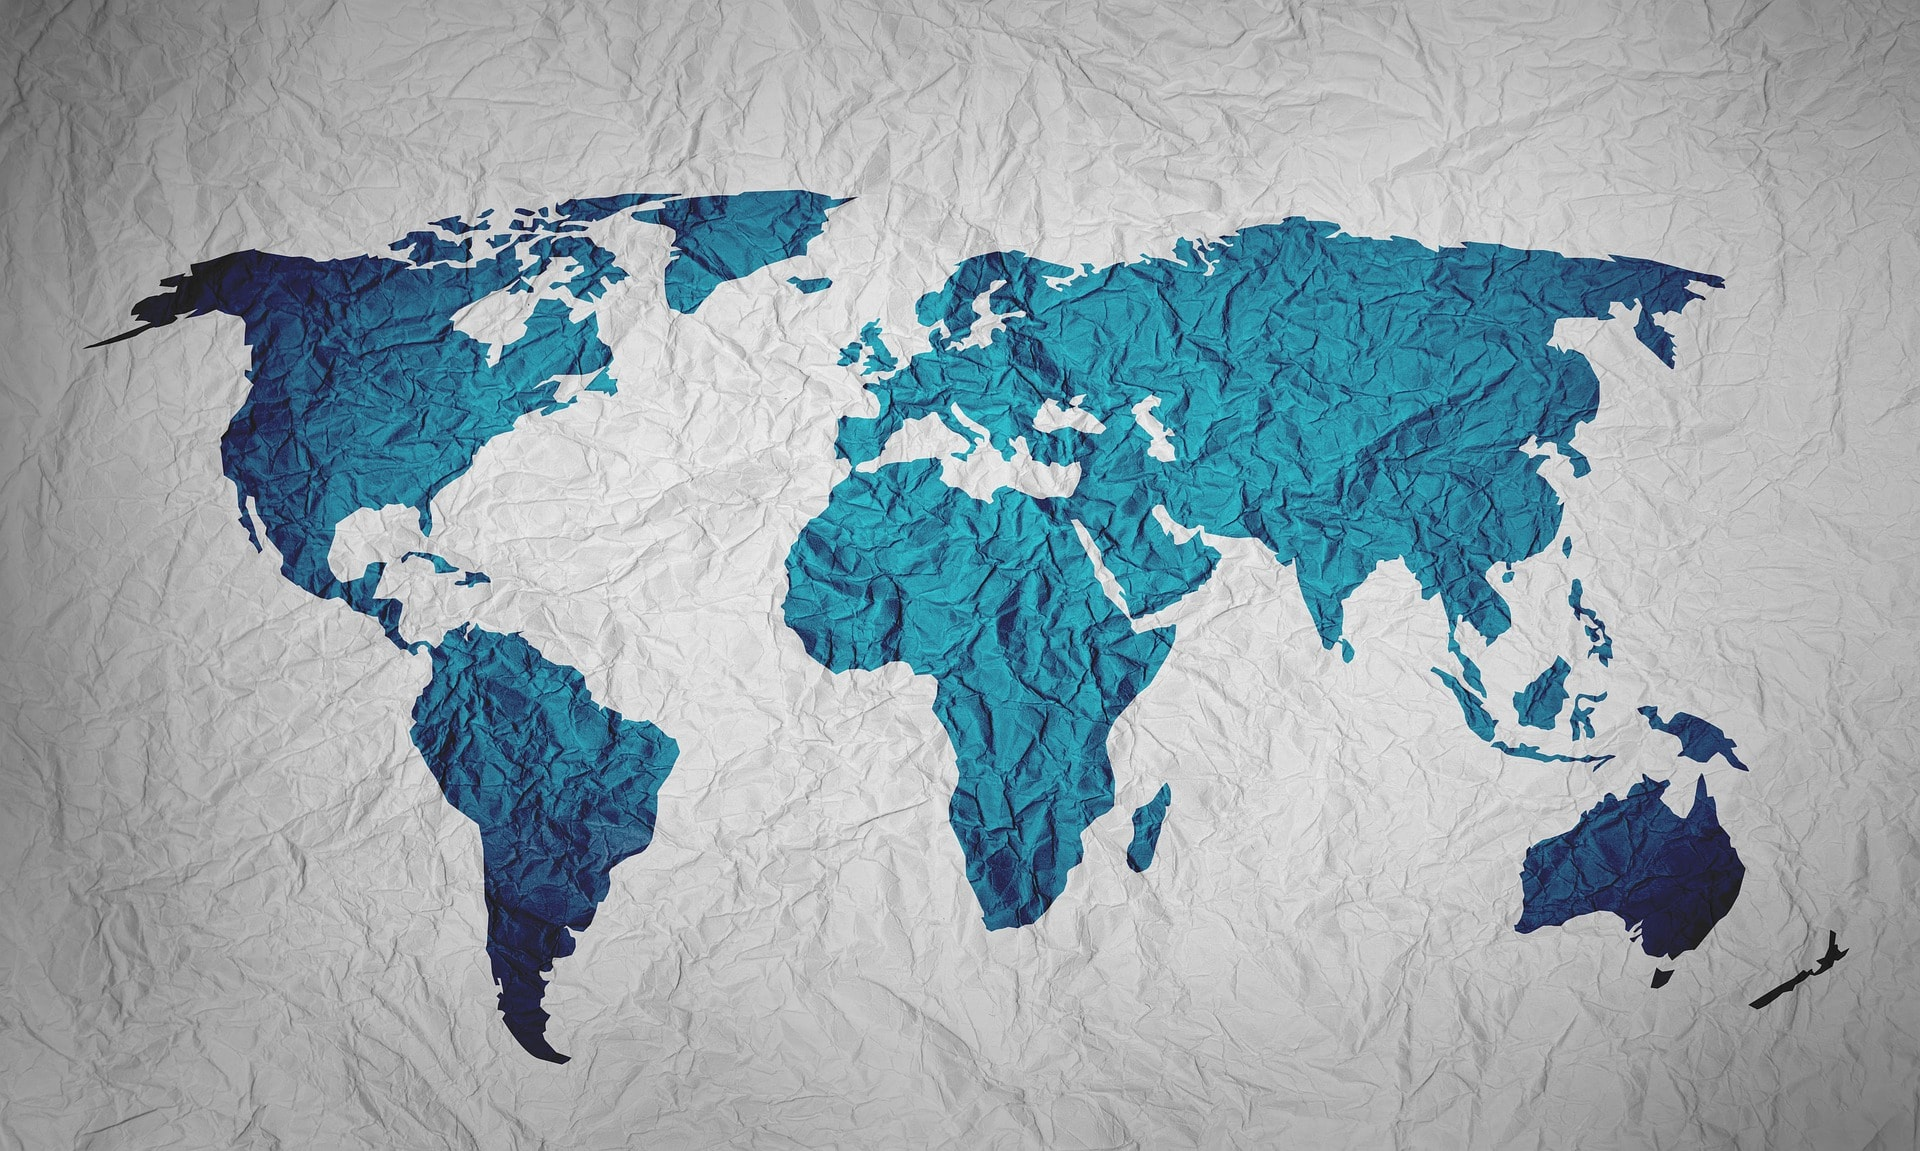 ViraVolta, Volta ao Mundo, Viagem pelo Mundo, Viagem Longo Prazo, Mochileiros, Cursos ViraVolta, Viagem Sabática, Passagem Volta ao Mundo